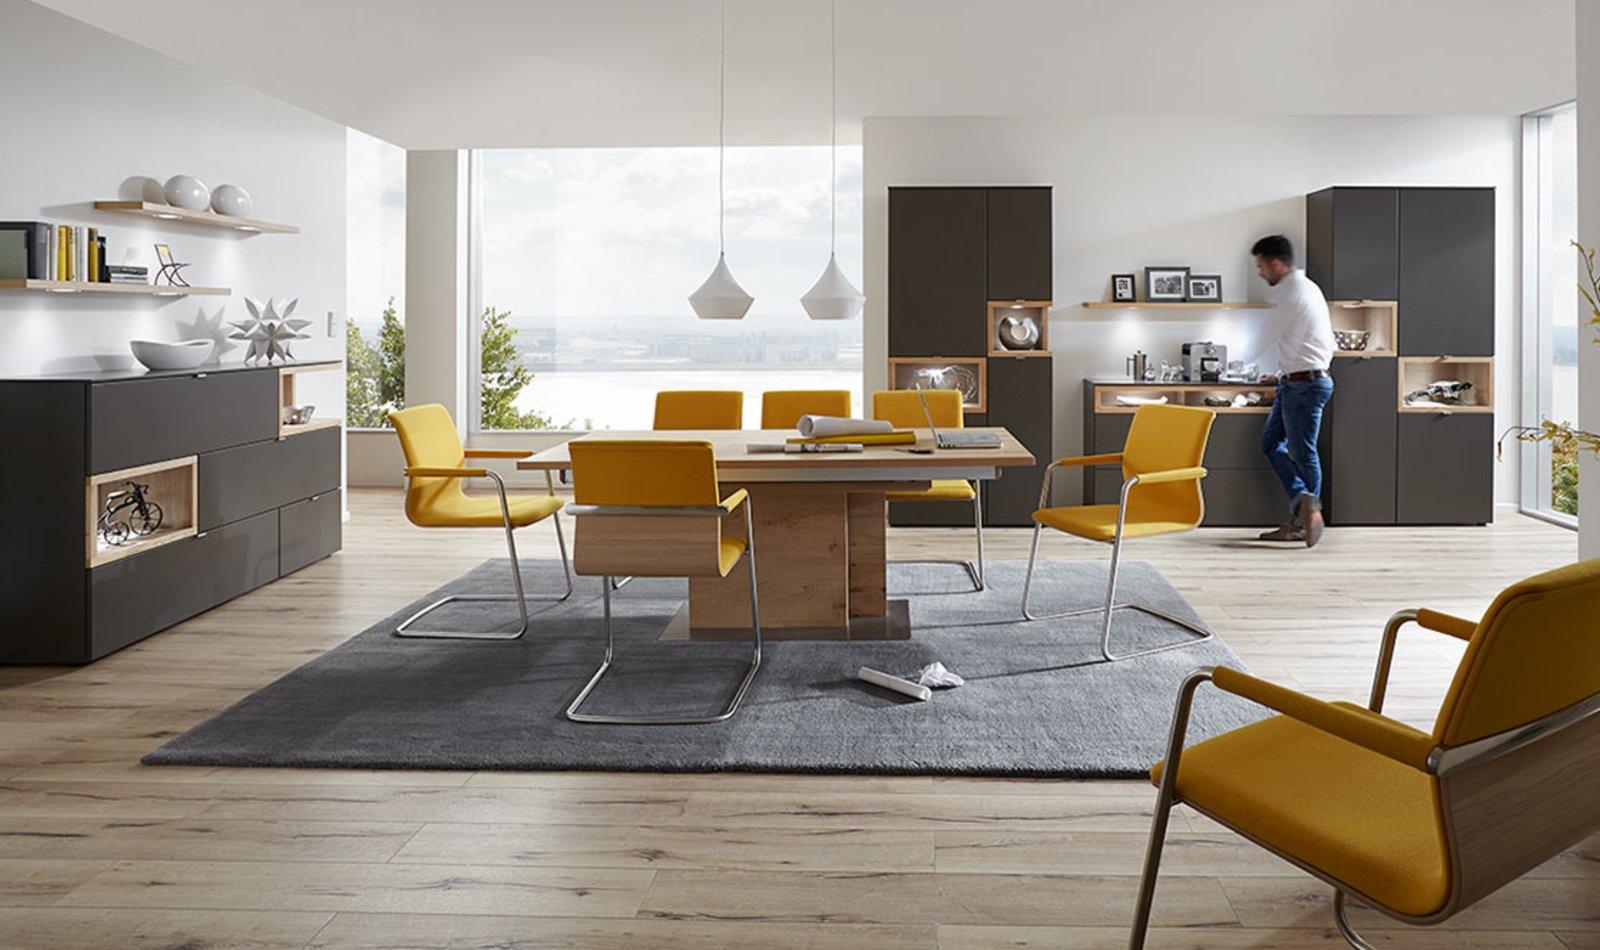 wohnzimmer programme andiamo venjakob m bel vorsprung durch design und qualit t. Black Bedroom Furniture Sets. Home Design Ideas